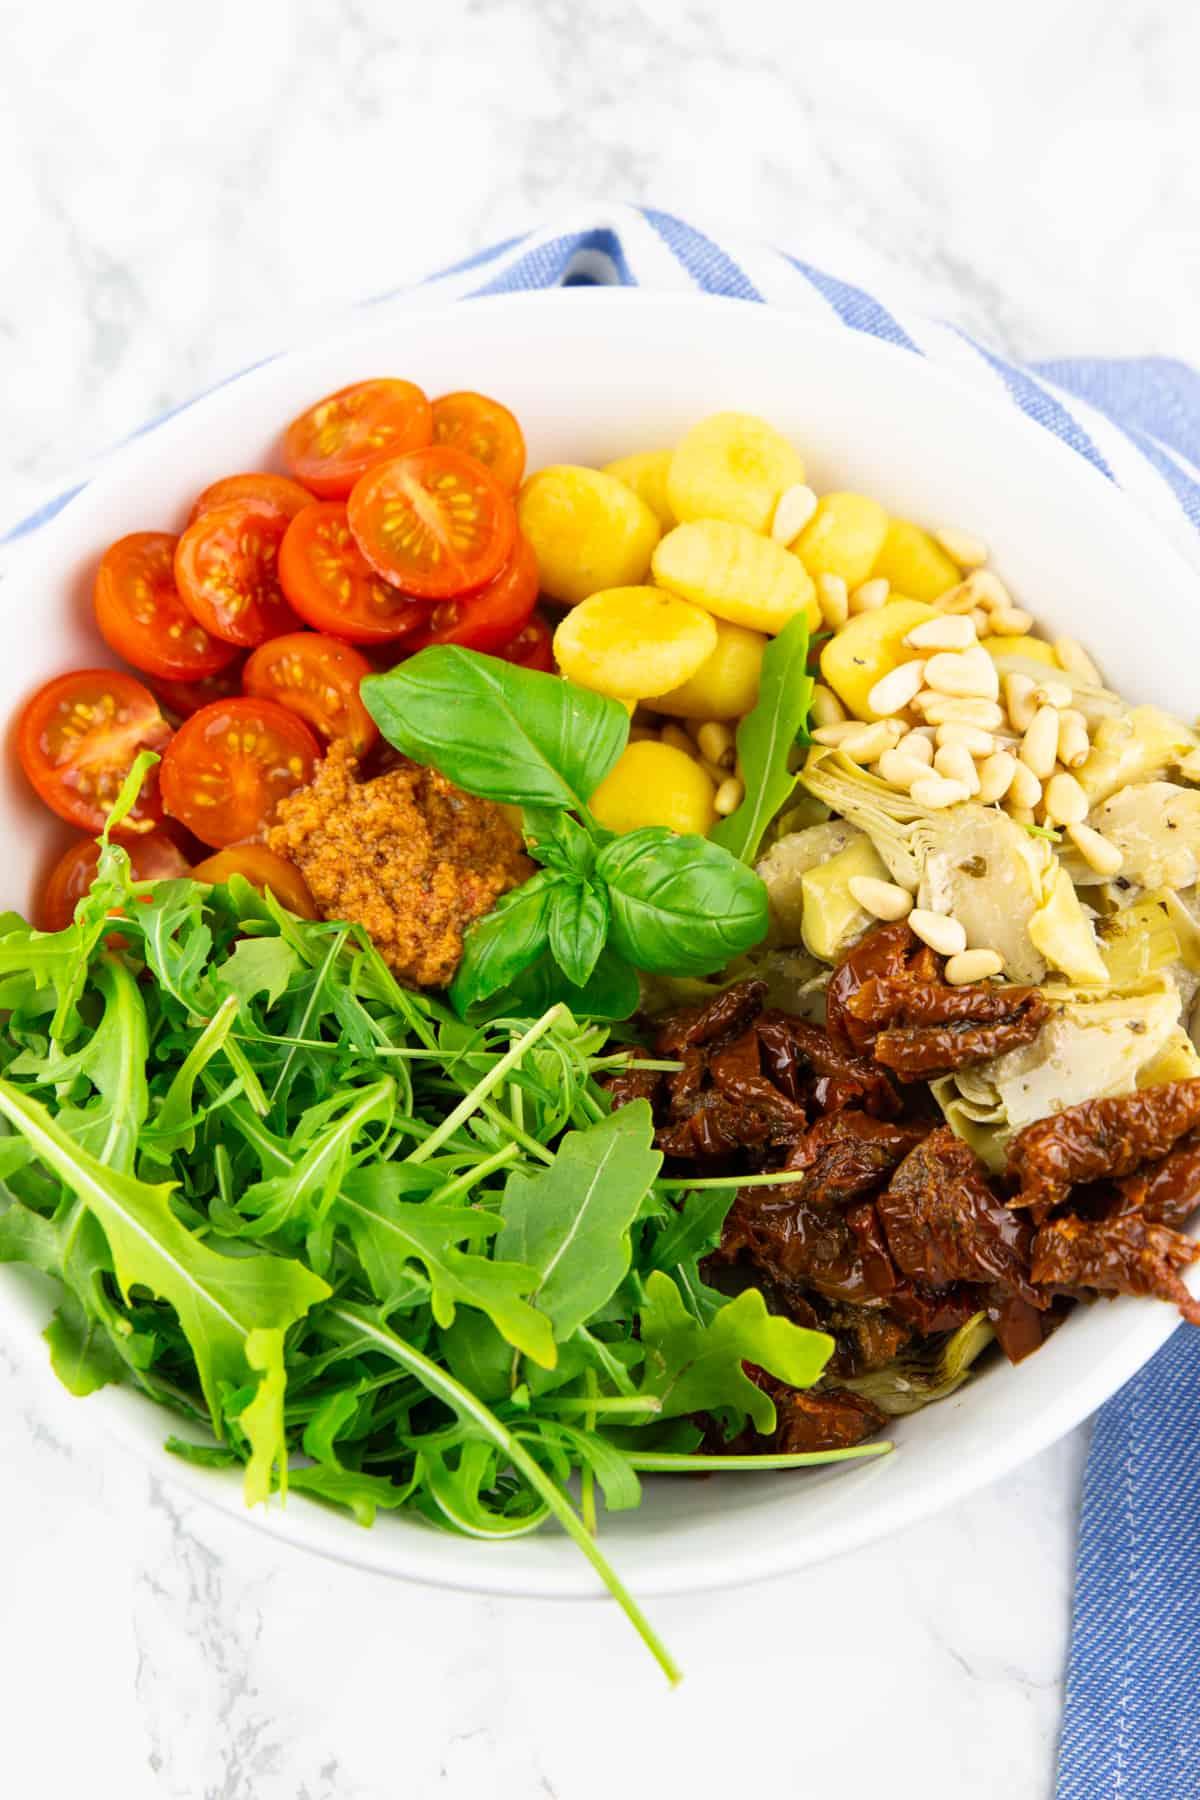 alle Zutaten für den Gnocchi Salat in einer weißen Schüssel auf einer Marmorplatte